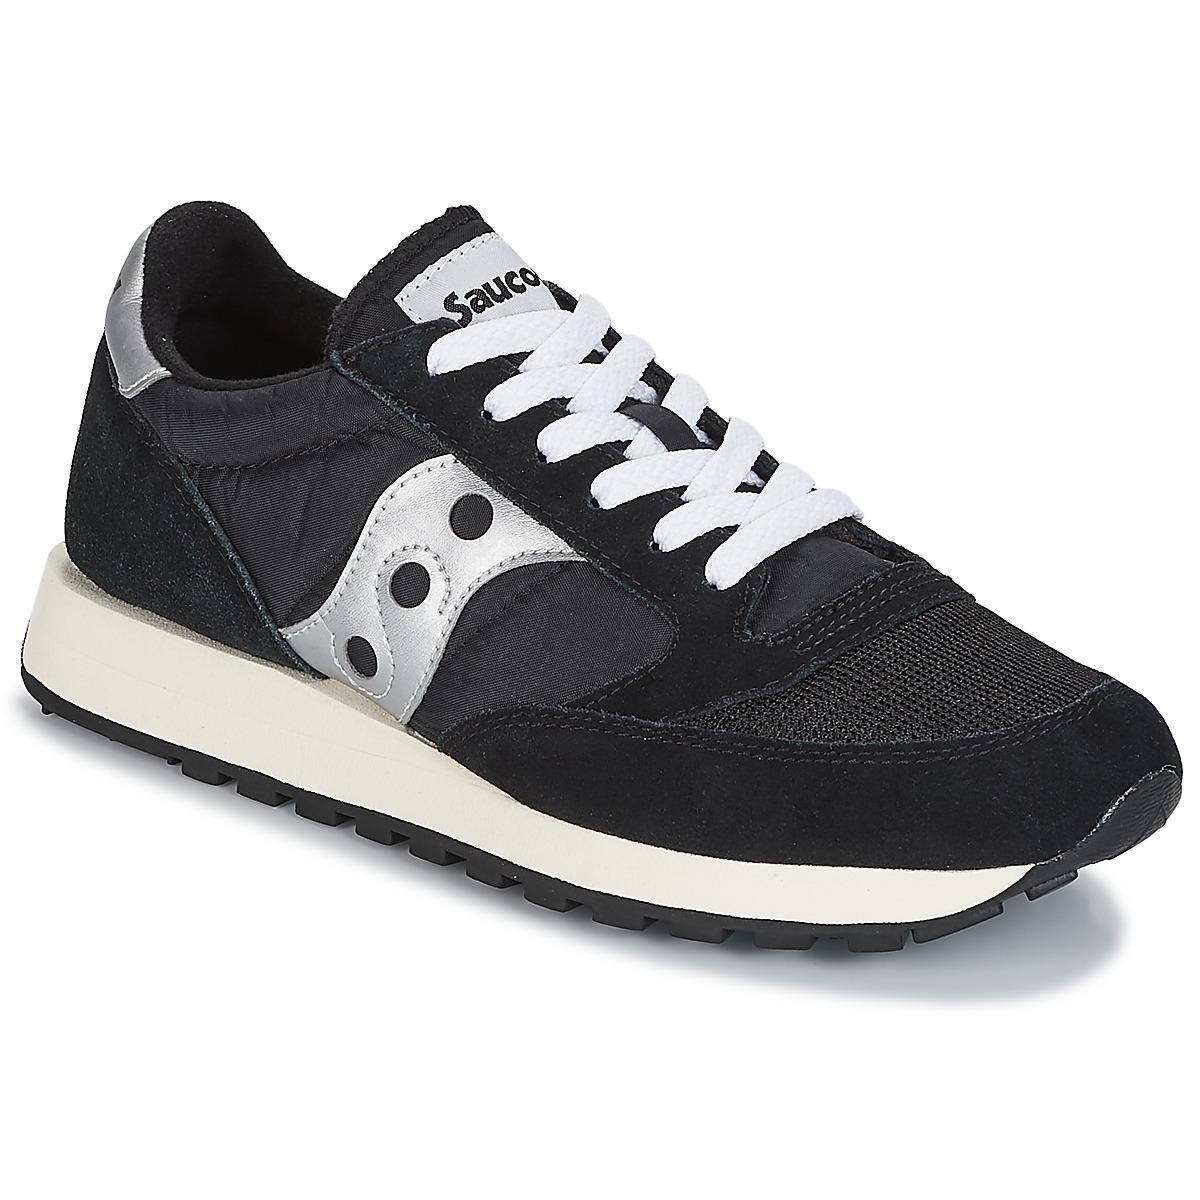 zapatillas saucony mujer negras 80